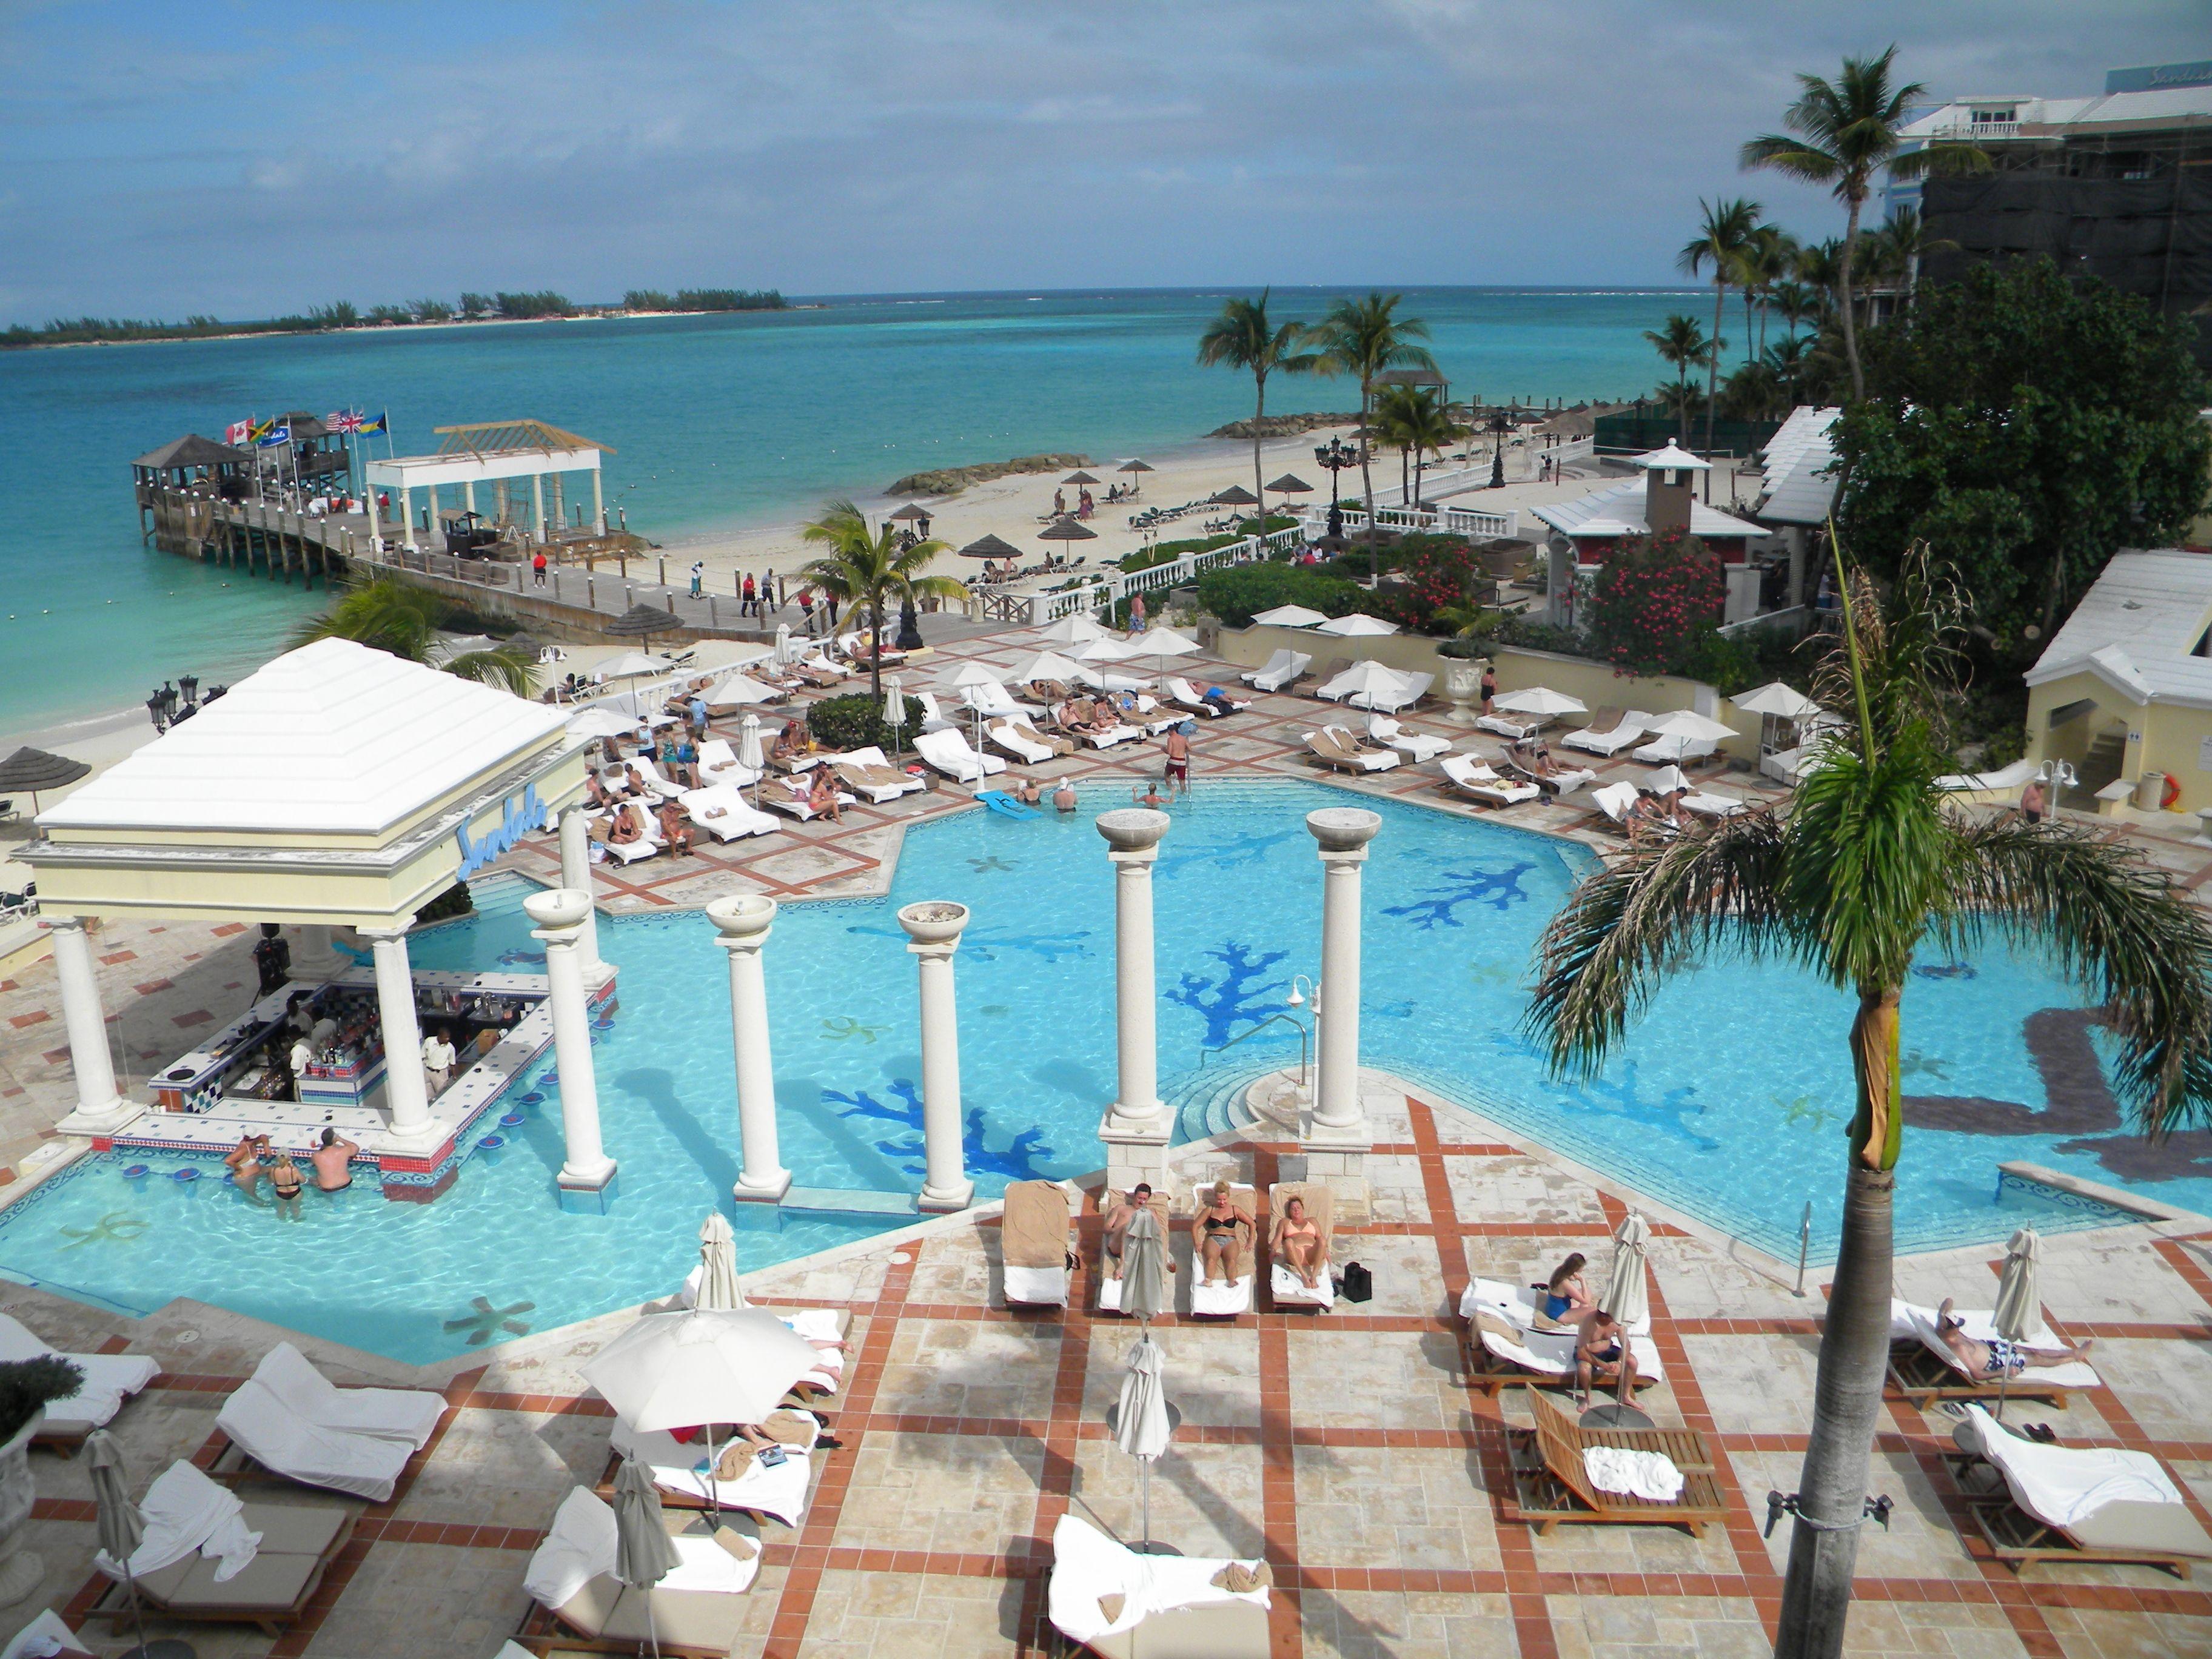 Main Pool at the Sandals Royal Bahamian Resort This